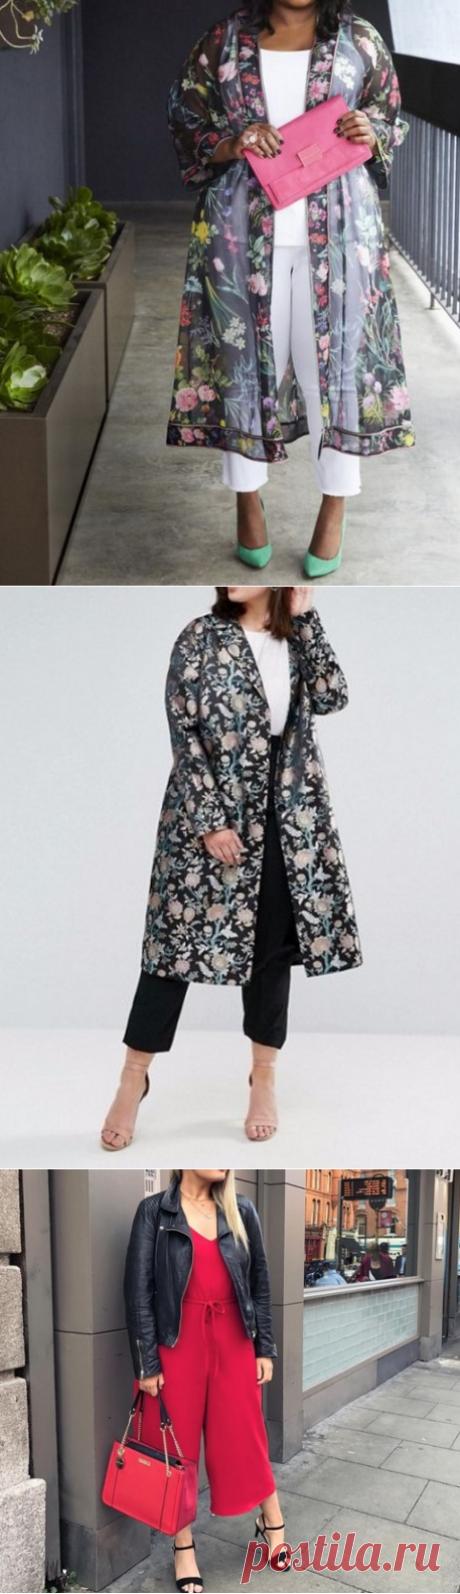 Модные образы для полных женщин весна-лето 2020 | Любовь к себе всегда взаимна | Яндекс Дзен